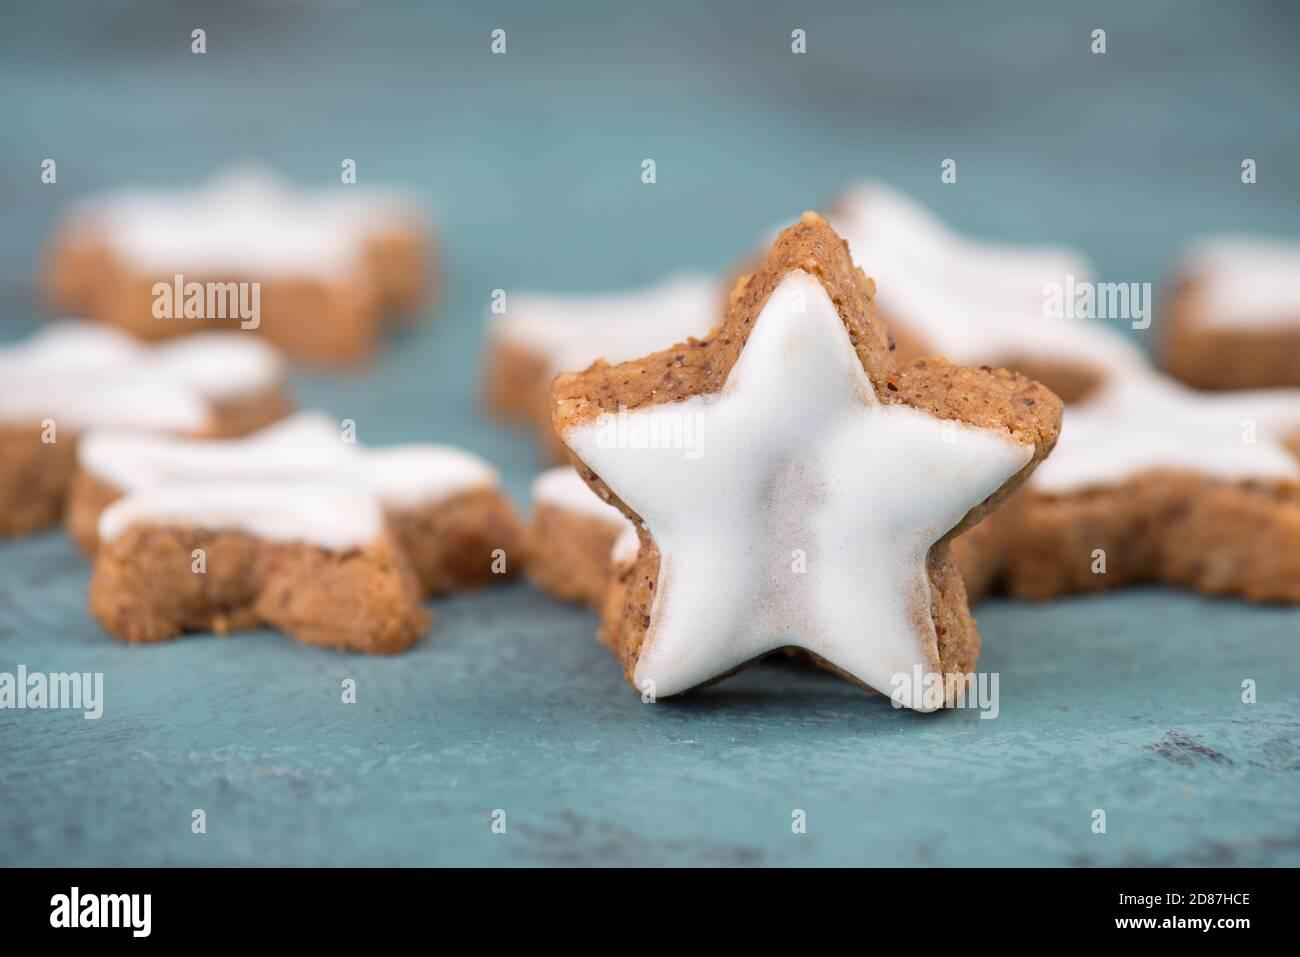 Estrellas de canela, galletas navideñas tradicionales alemanas, pan de jengibre, espacio vacío de copia Foto de stock